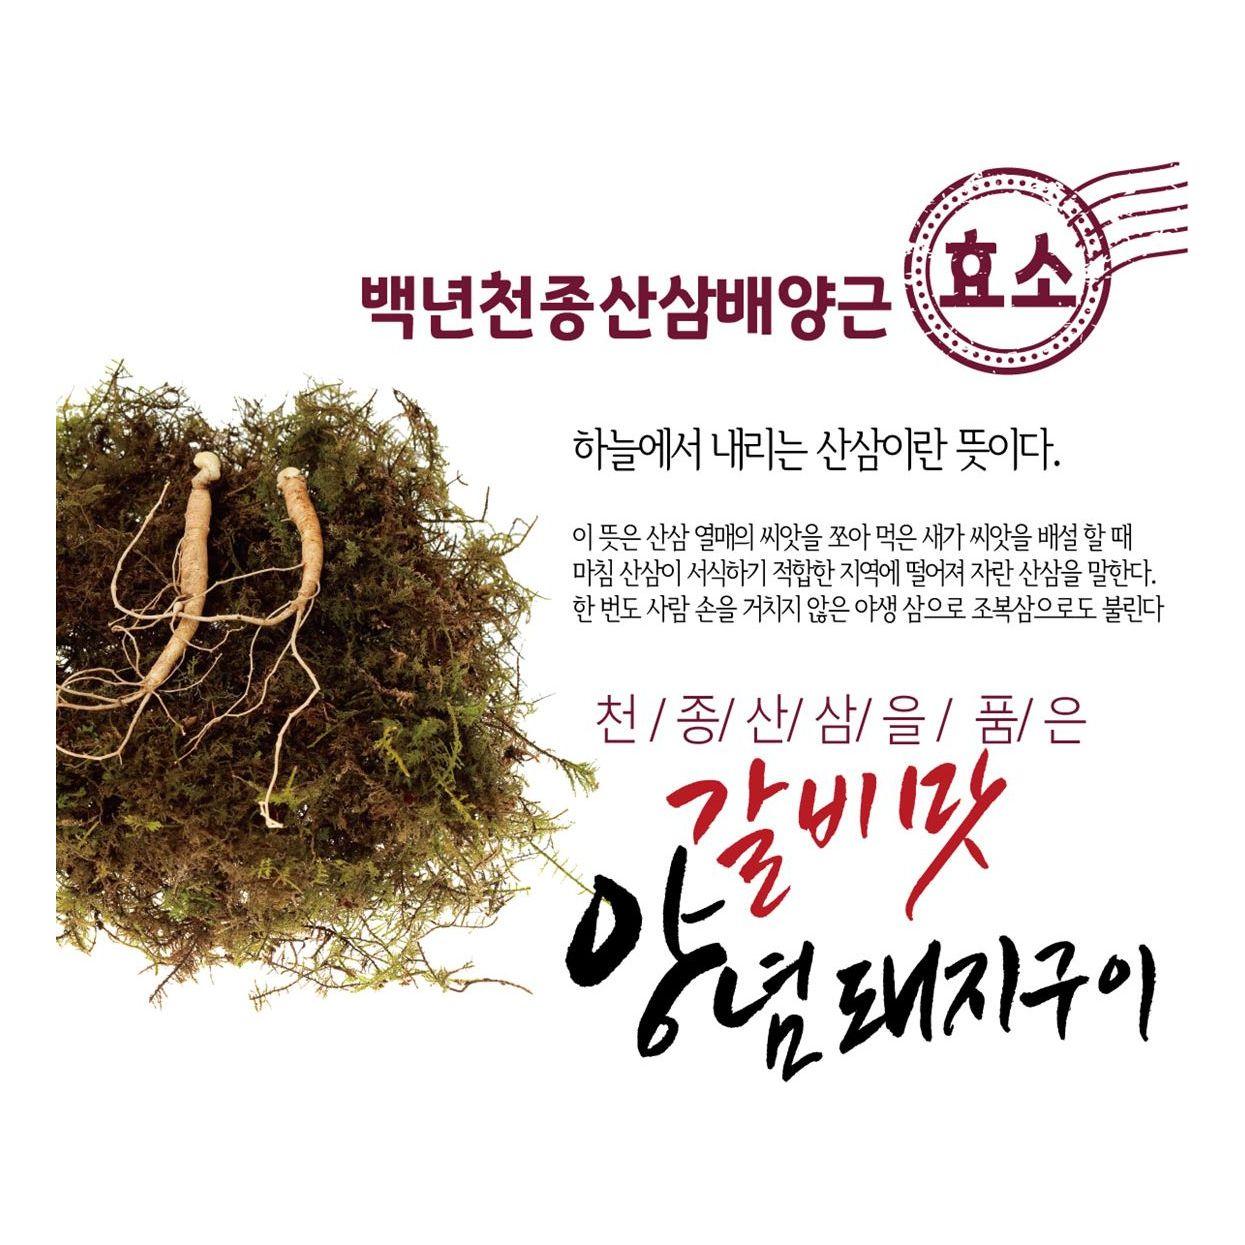 천종산삼 배양근효소 갈비맛양념돼지구이(1.5kg)